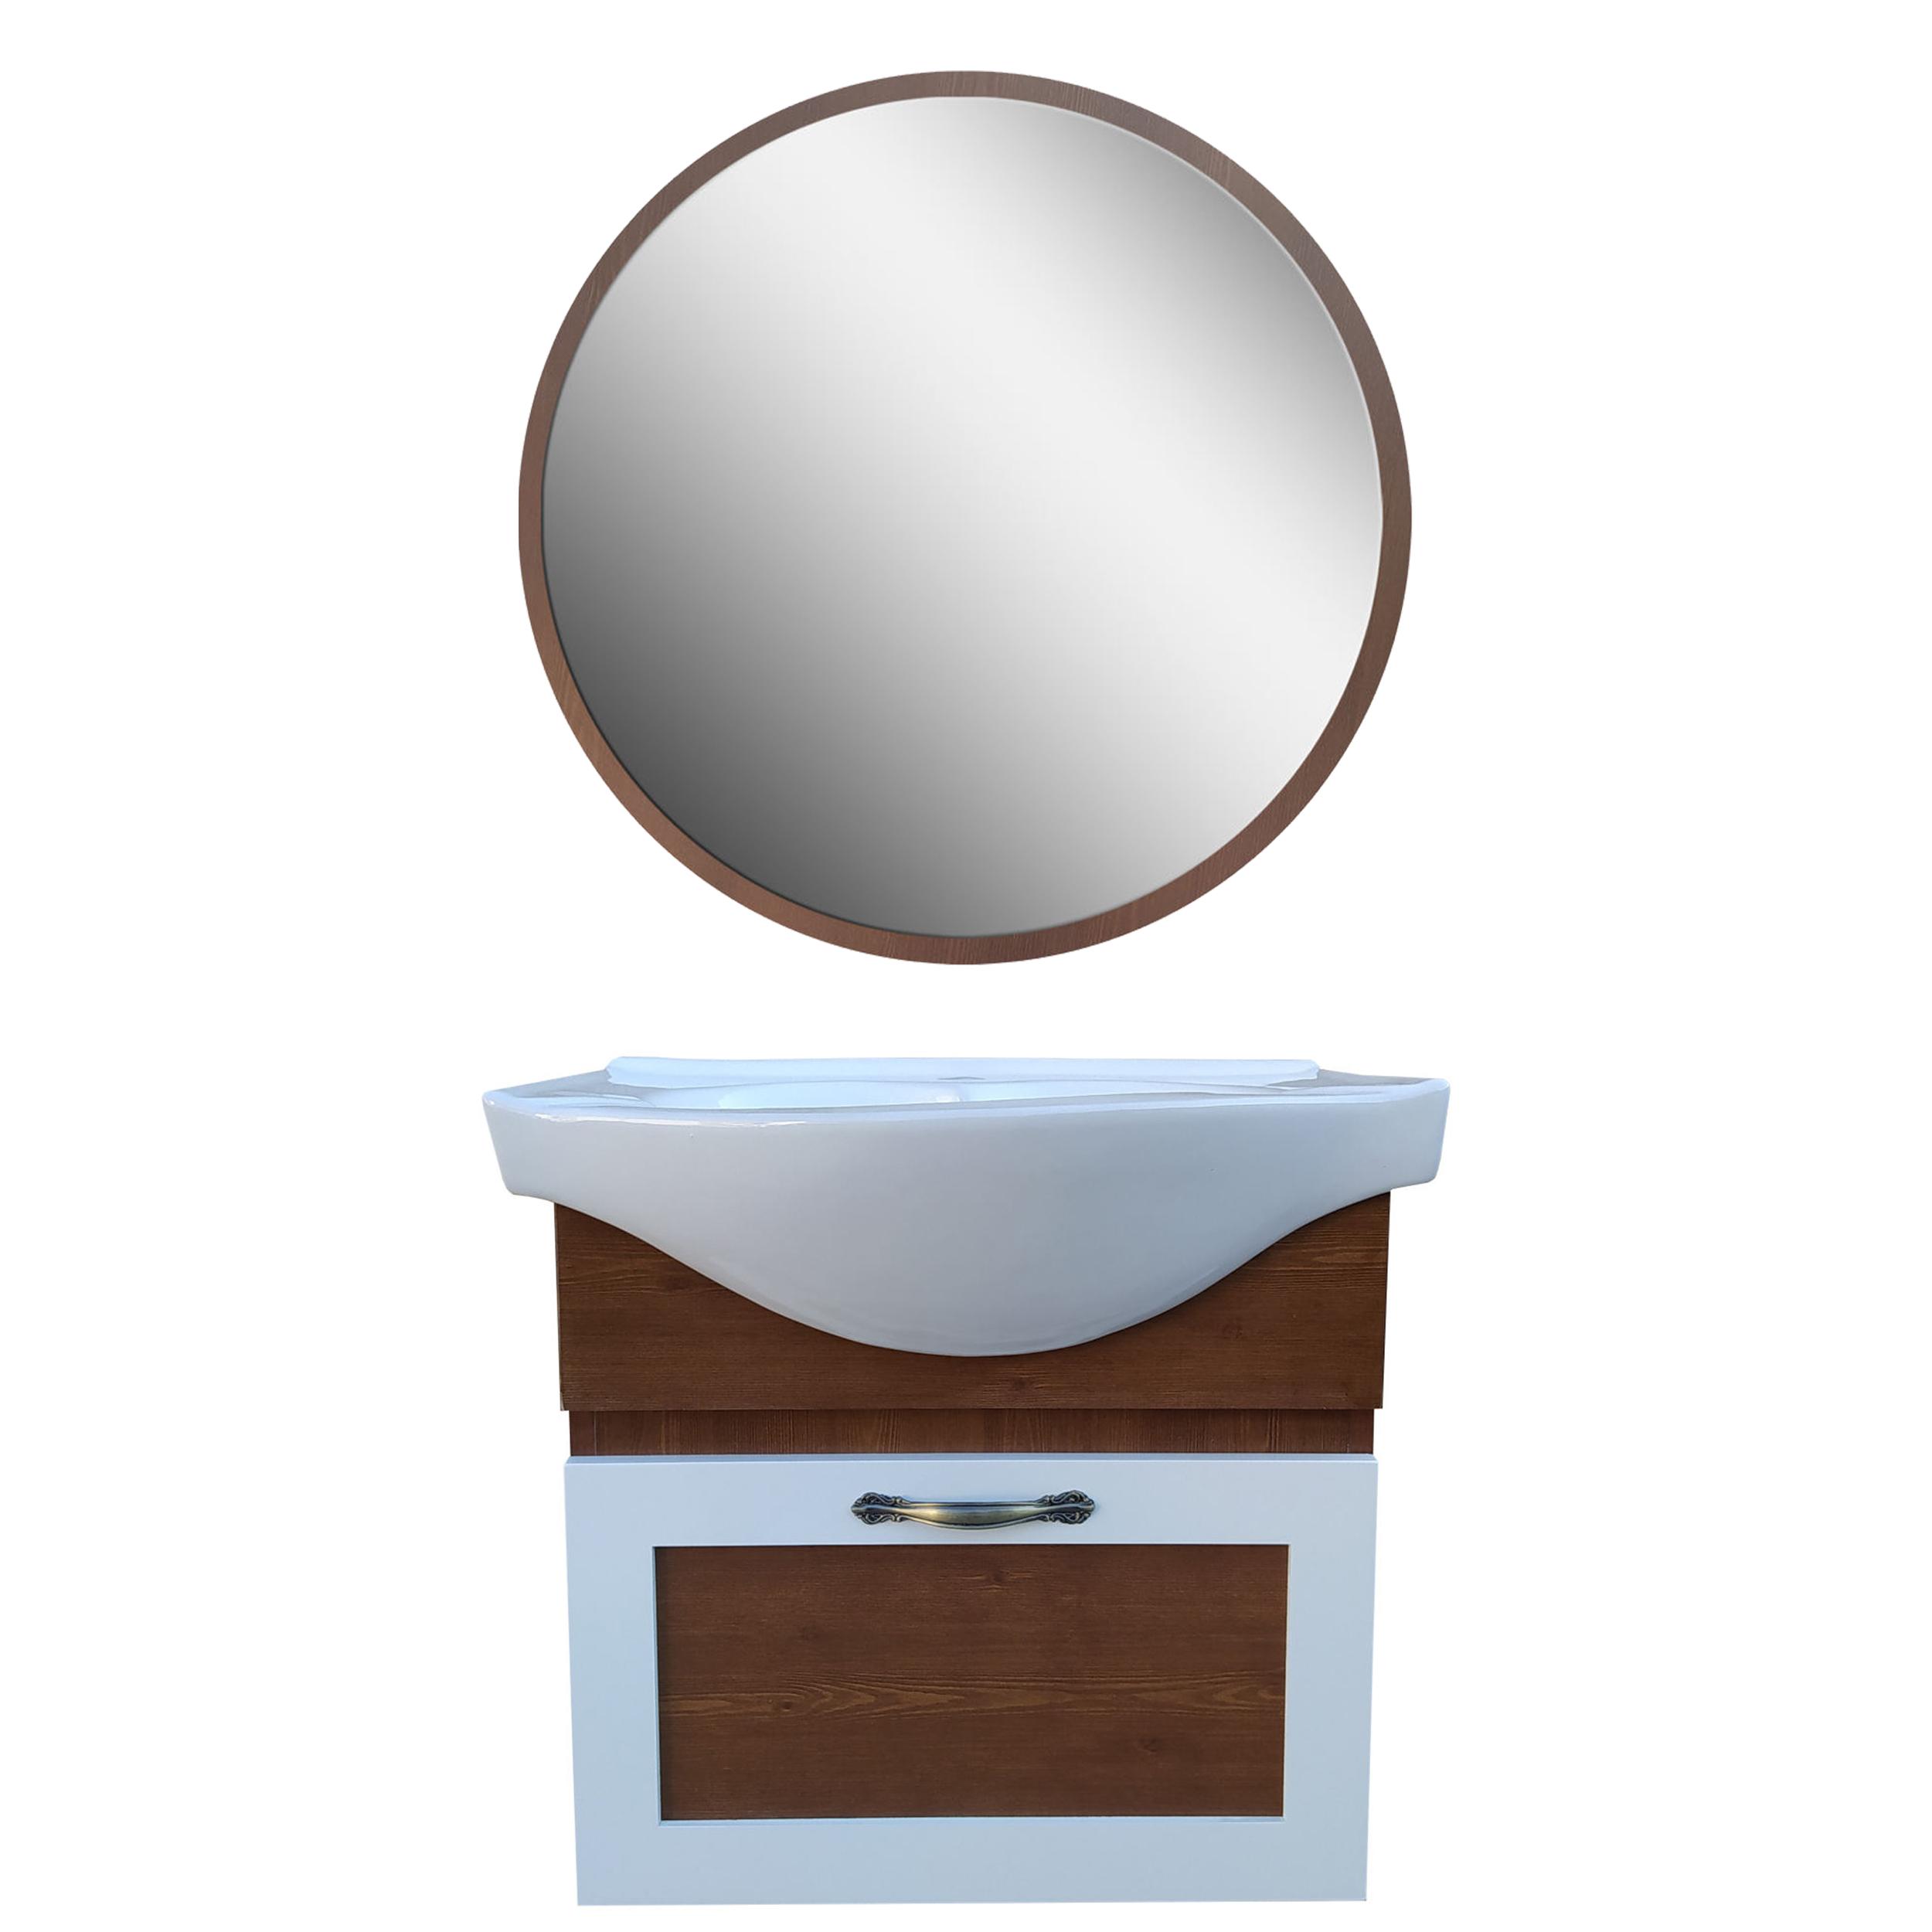 ست کابینت و روشویی مدل cm4 به همراه آینه